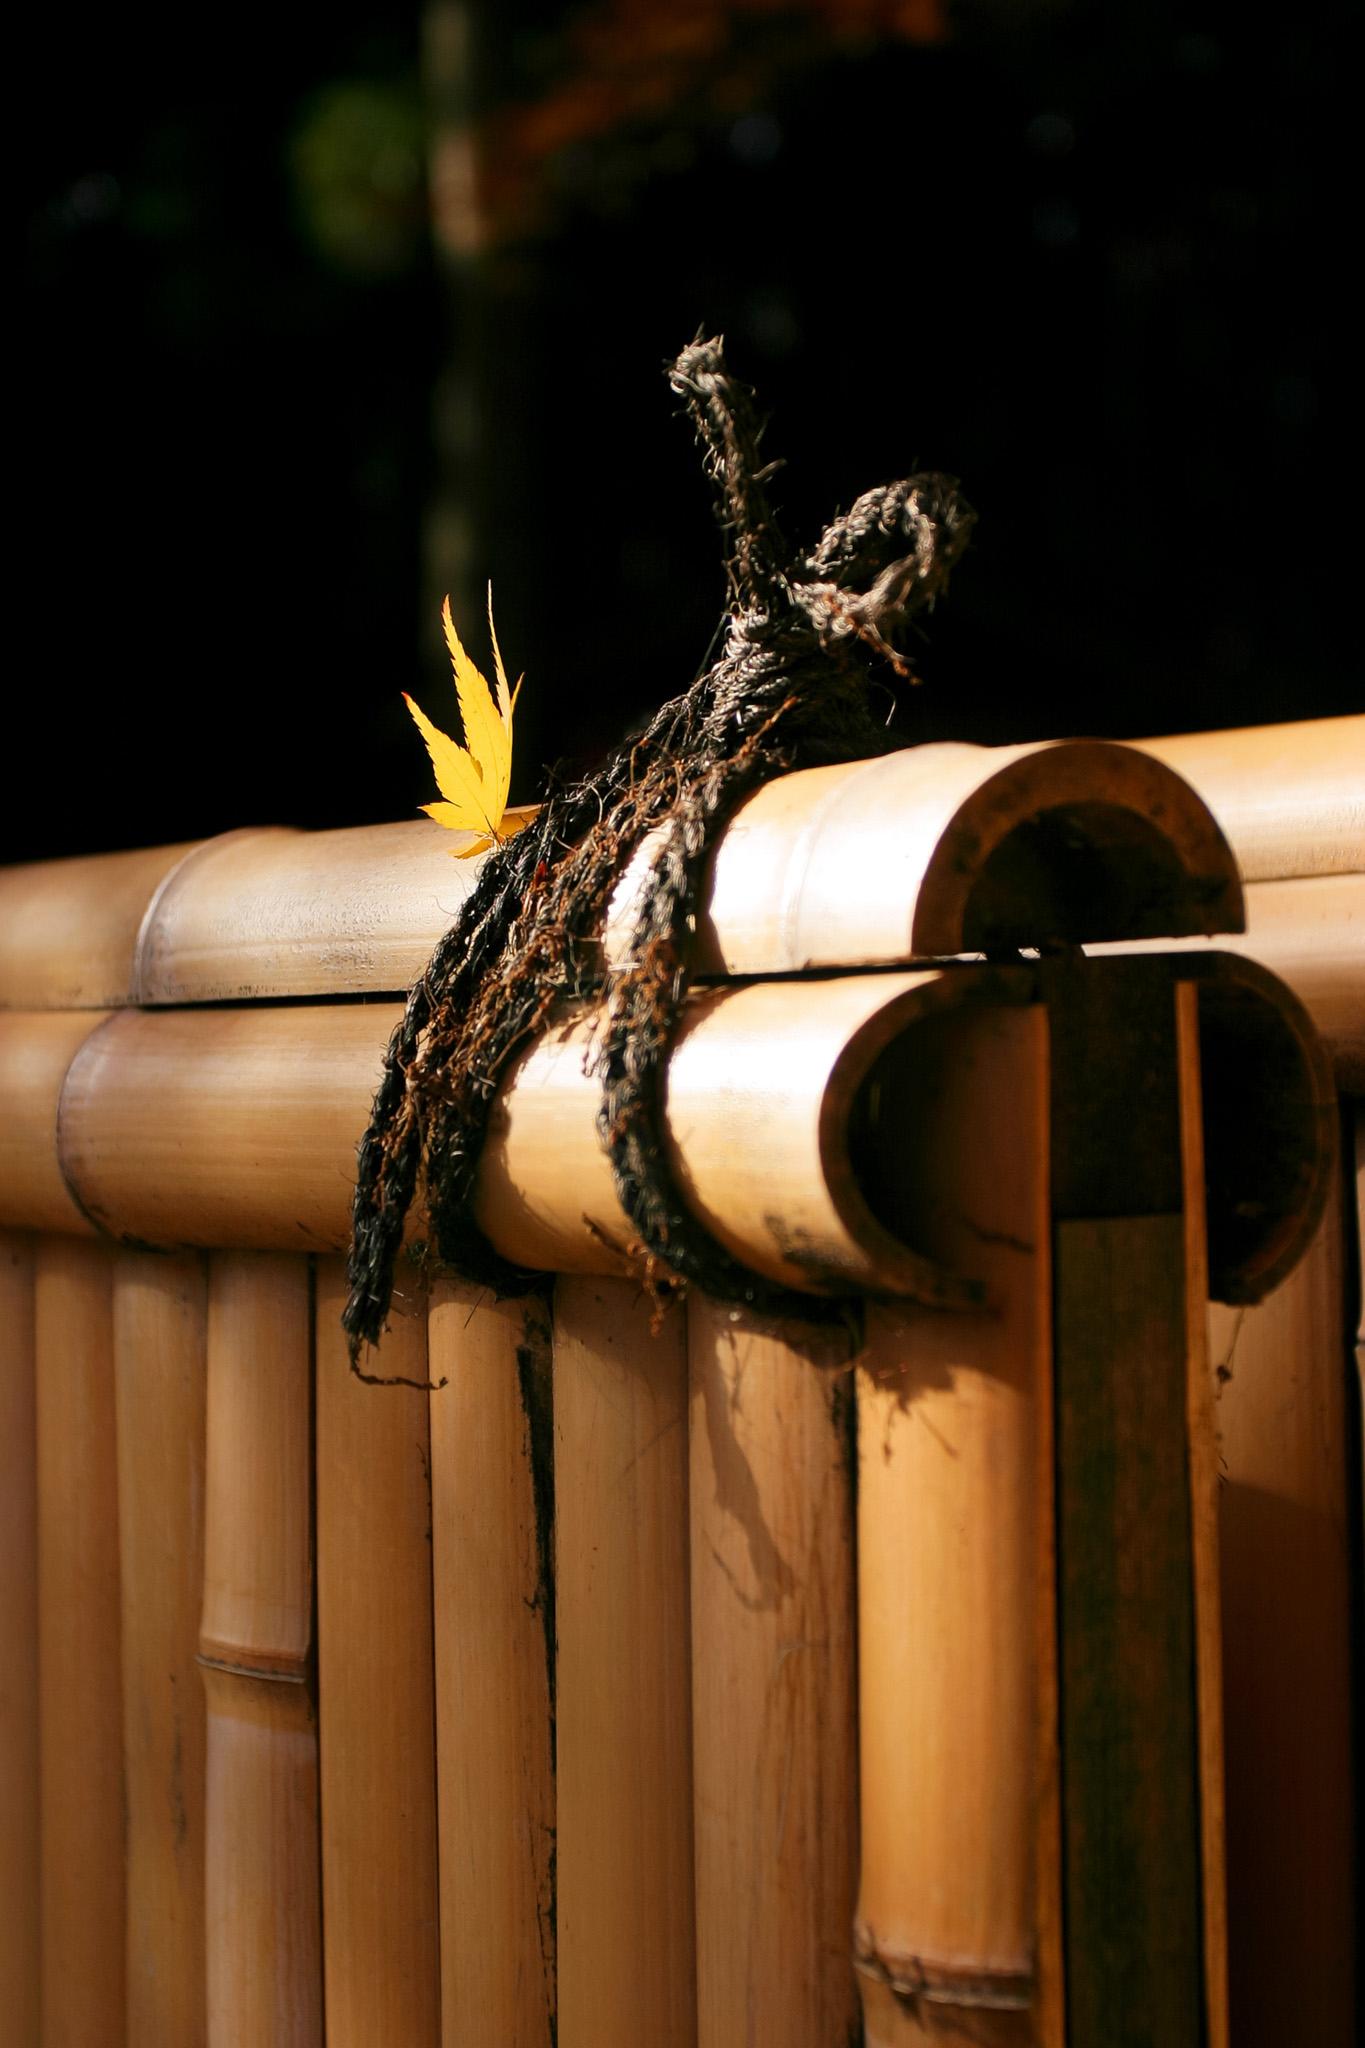 「竹垣と黄葉したモミジの葉」